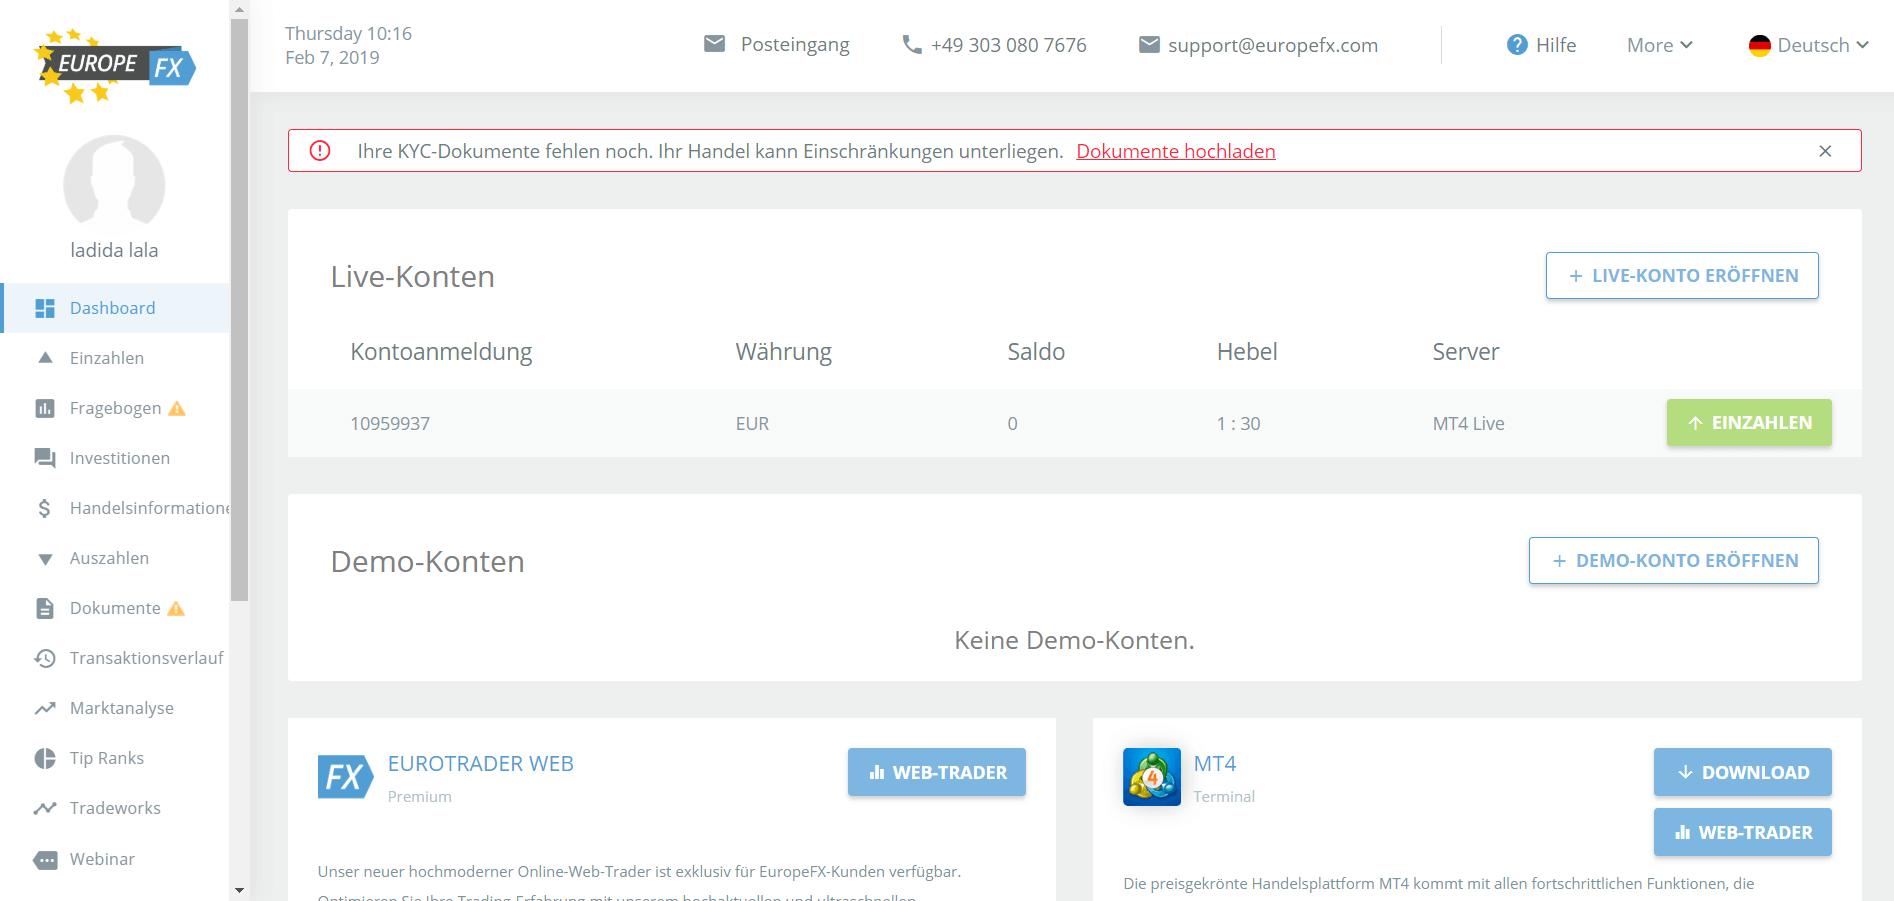 Europefx Betrug